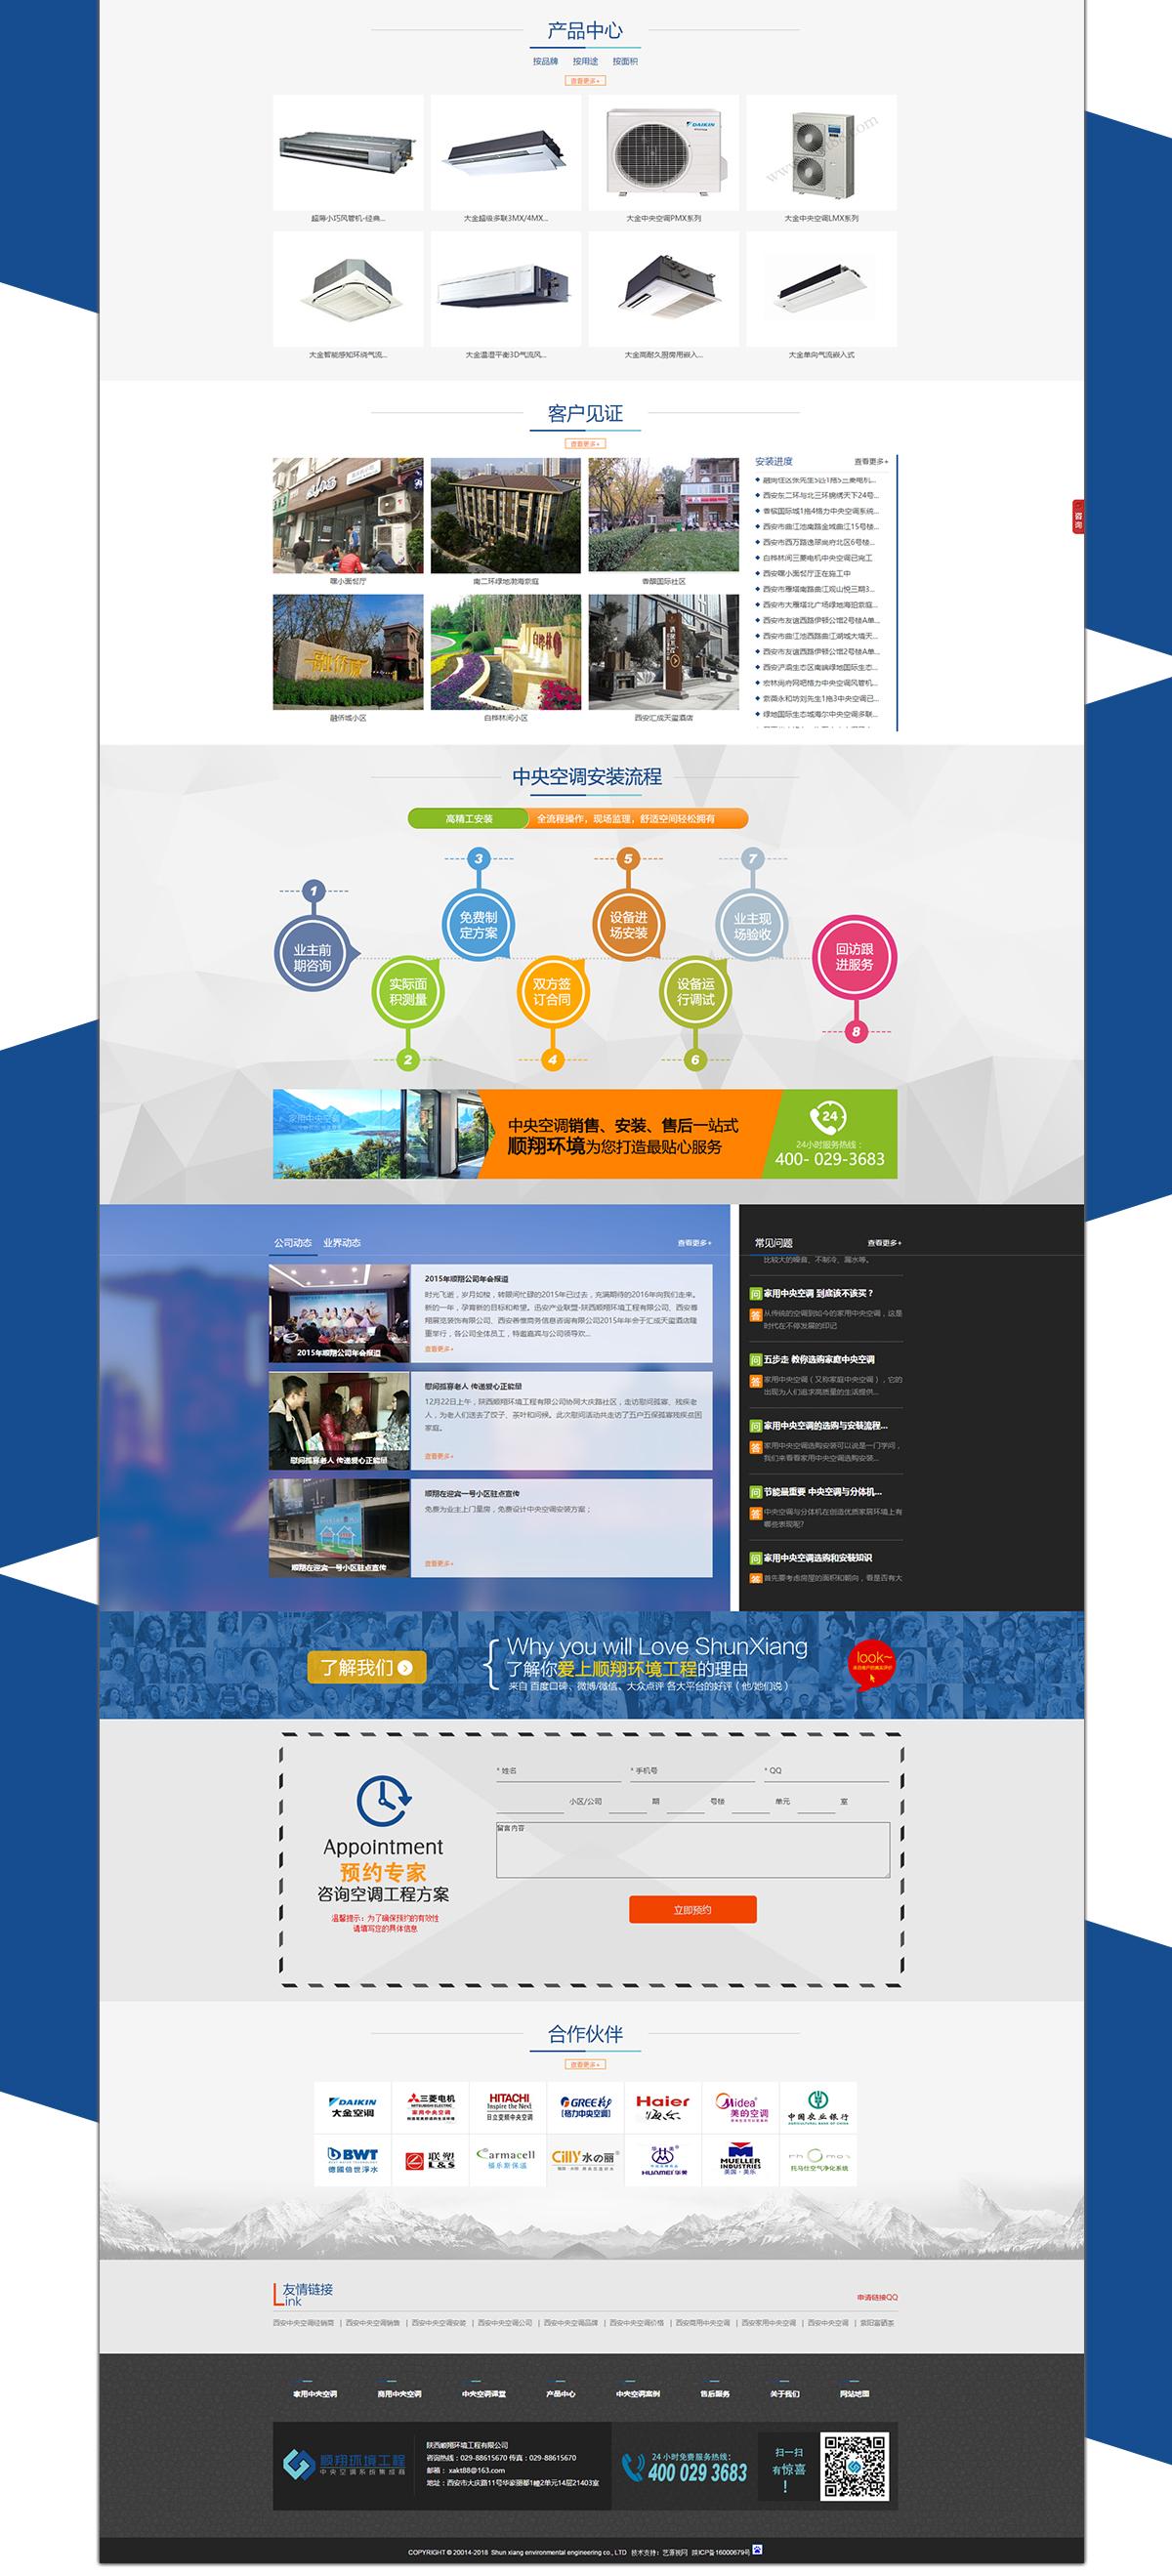 顺翔环境工程_营销型网站建设案例-艺源视网